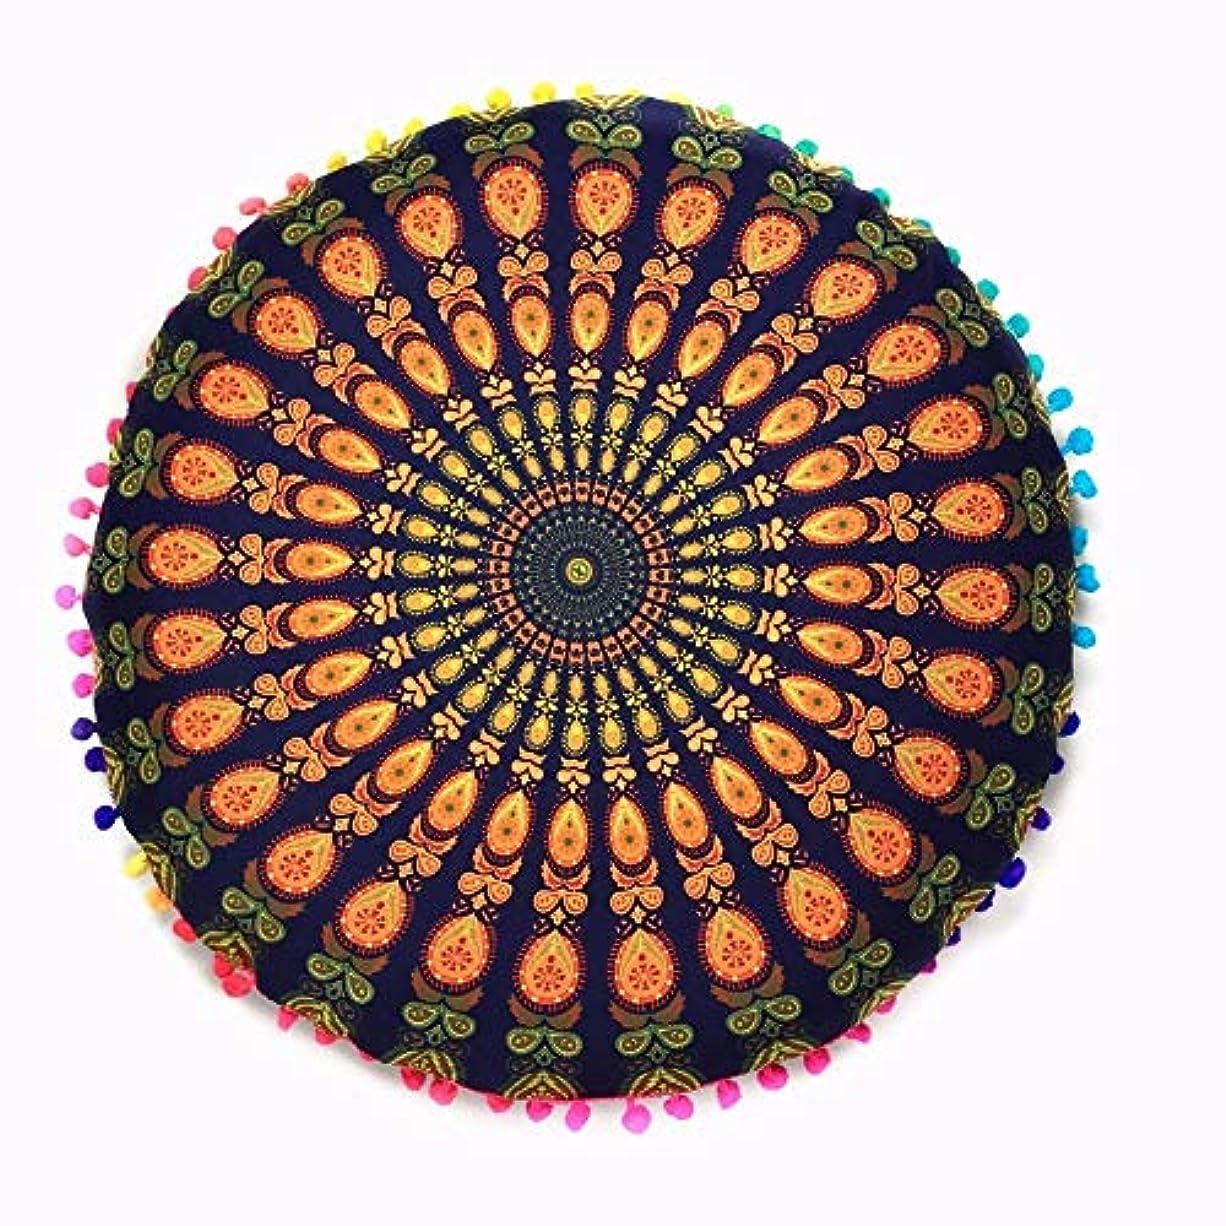 ミニチュア弱まるハンドブックLIFE 2017 カラフルな曼荼羅床枕オットマンラウンドボヘミアン瞑想クッション枕プーフ クッション 椅子